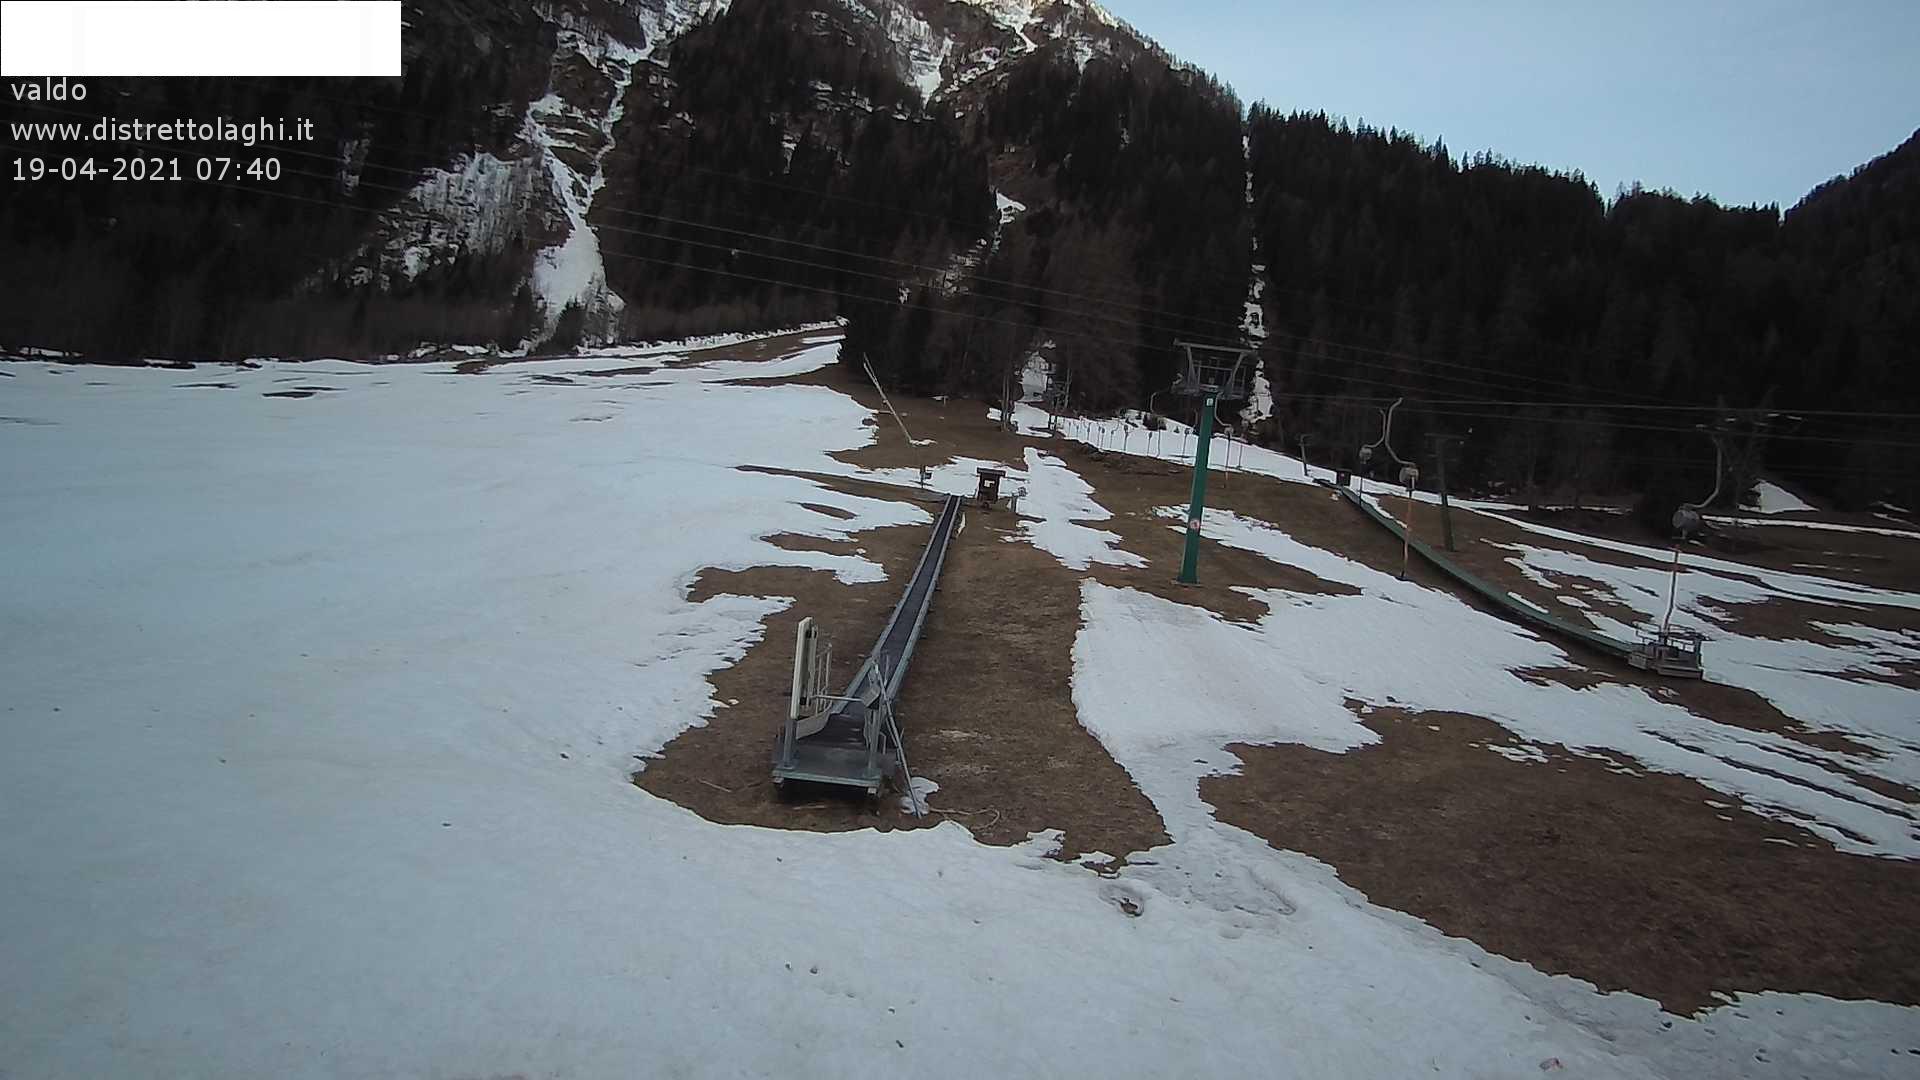 valdo-formazza-webcam-ski